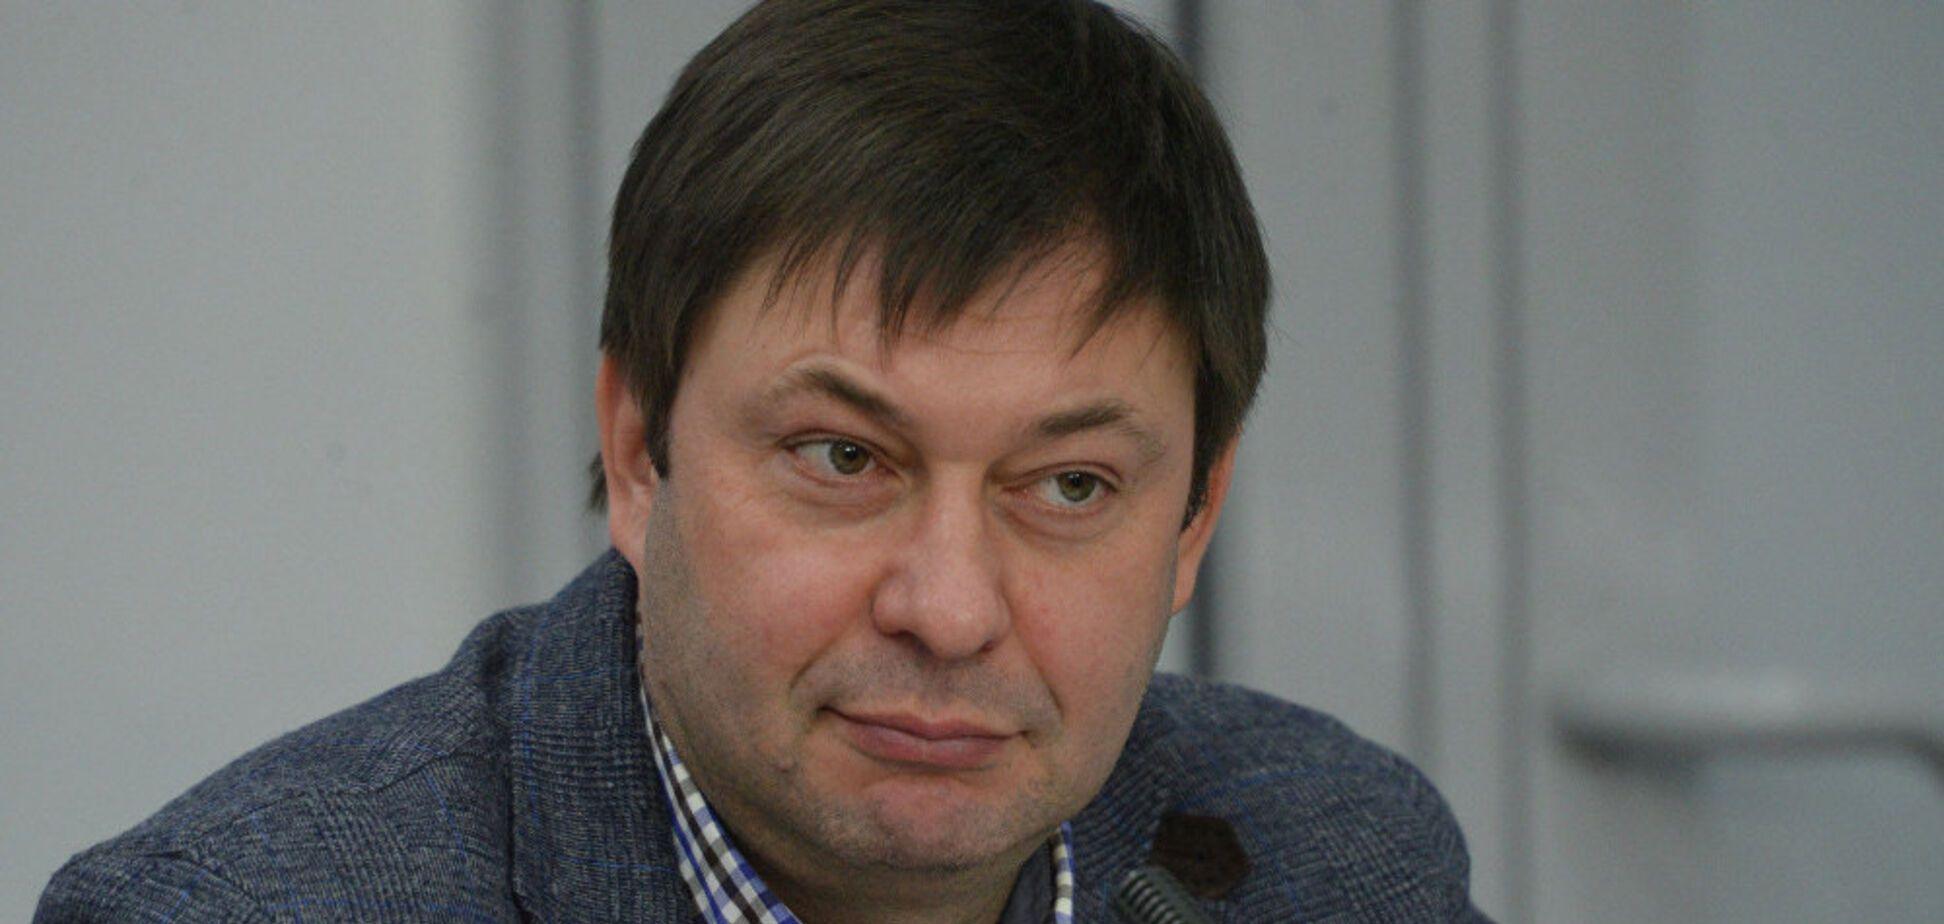 Дело Вышинского: стало известно, что суд отобрал у пропагандиста